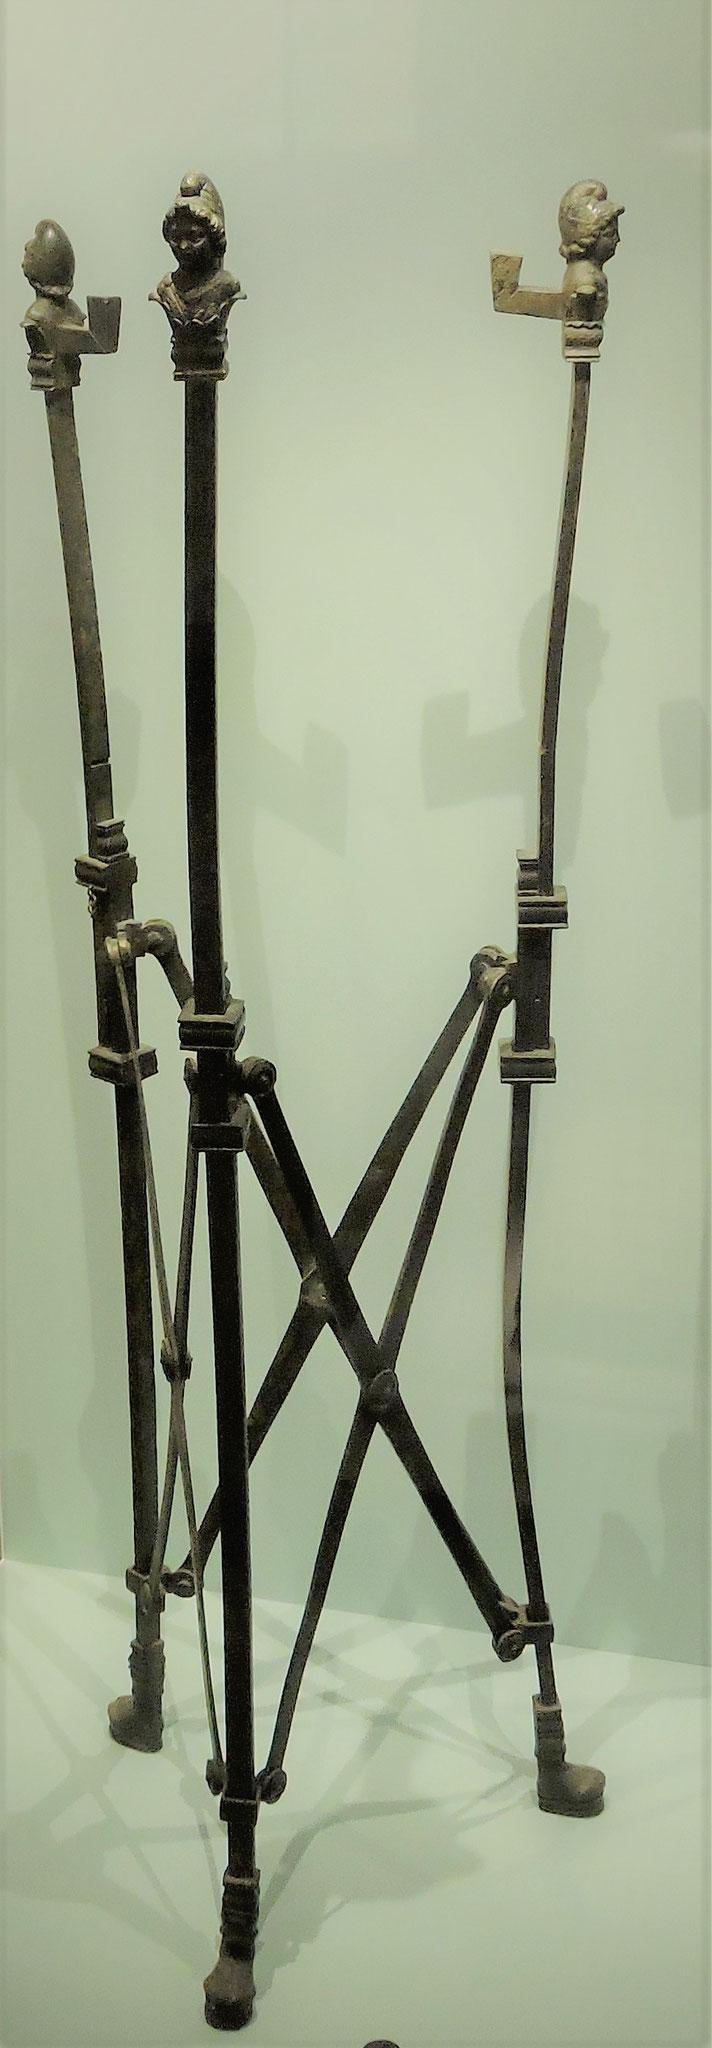 Ein höhenverstellbares klappbares Untergestell eines Tisches ©B. Bichler